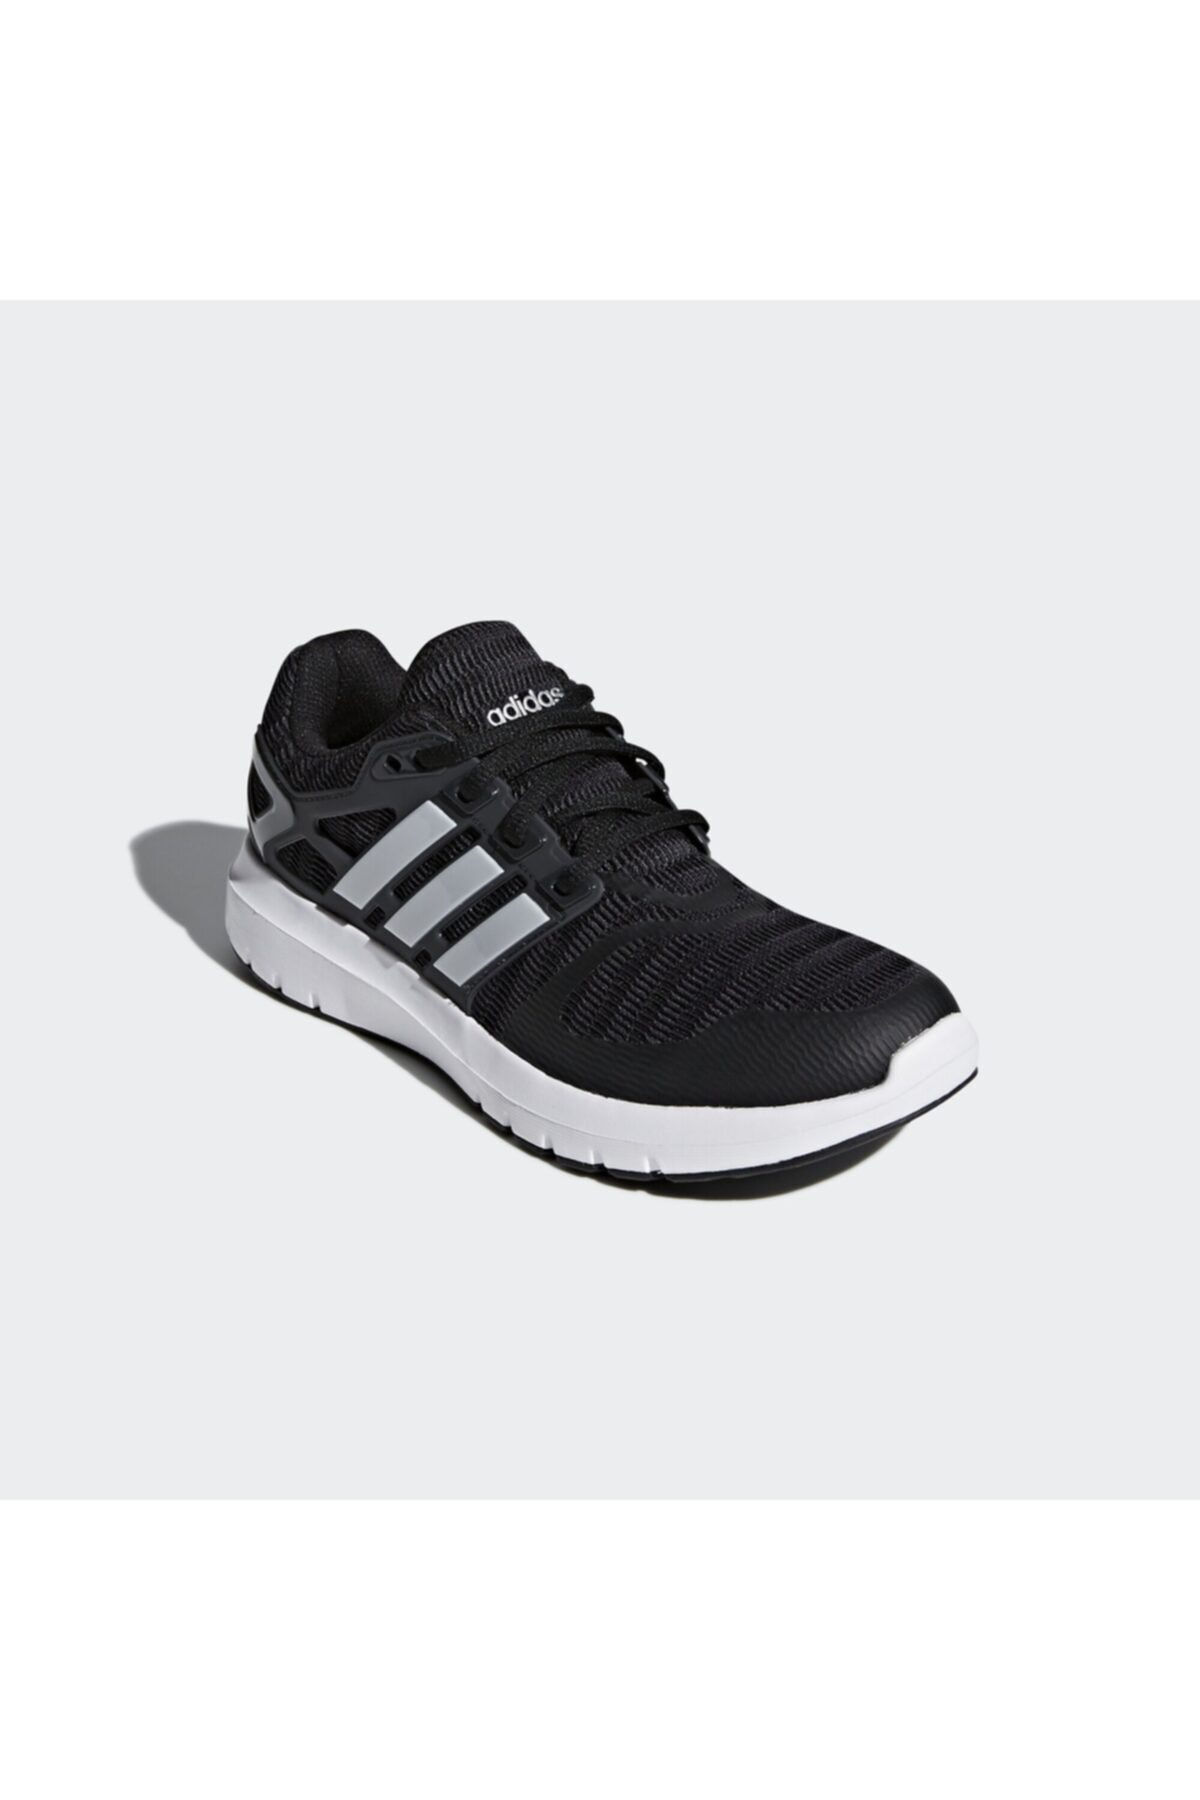 adidas Kadın Siyah Energy Cloud V Spor Ayakkabı (b44846) 2